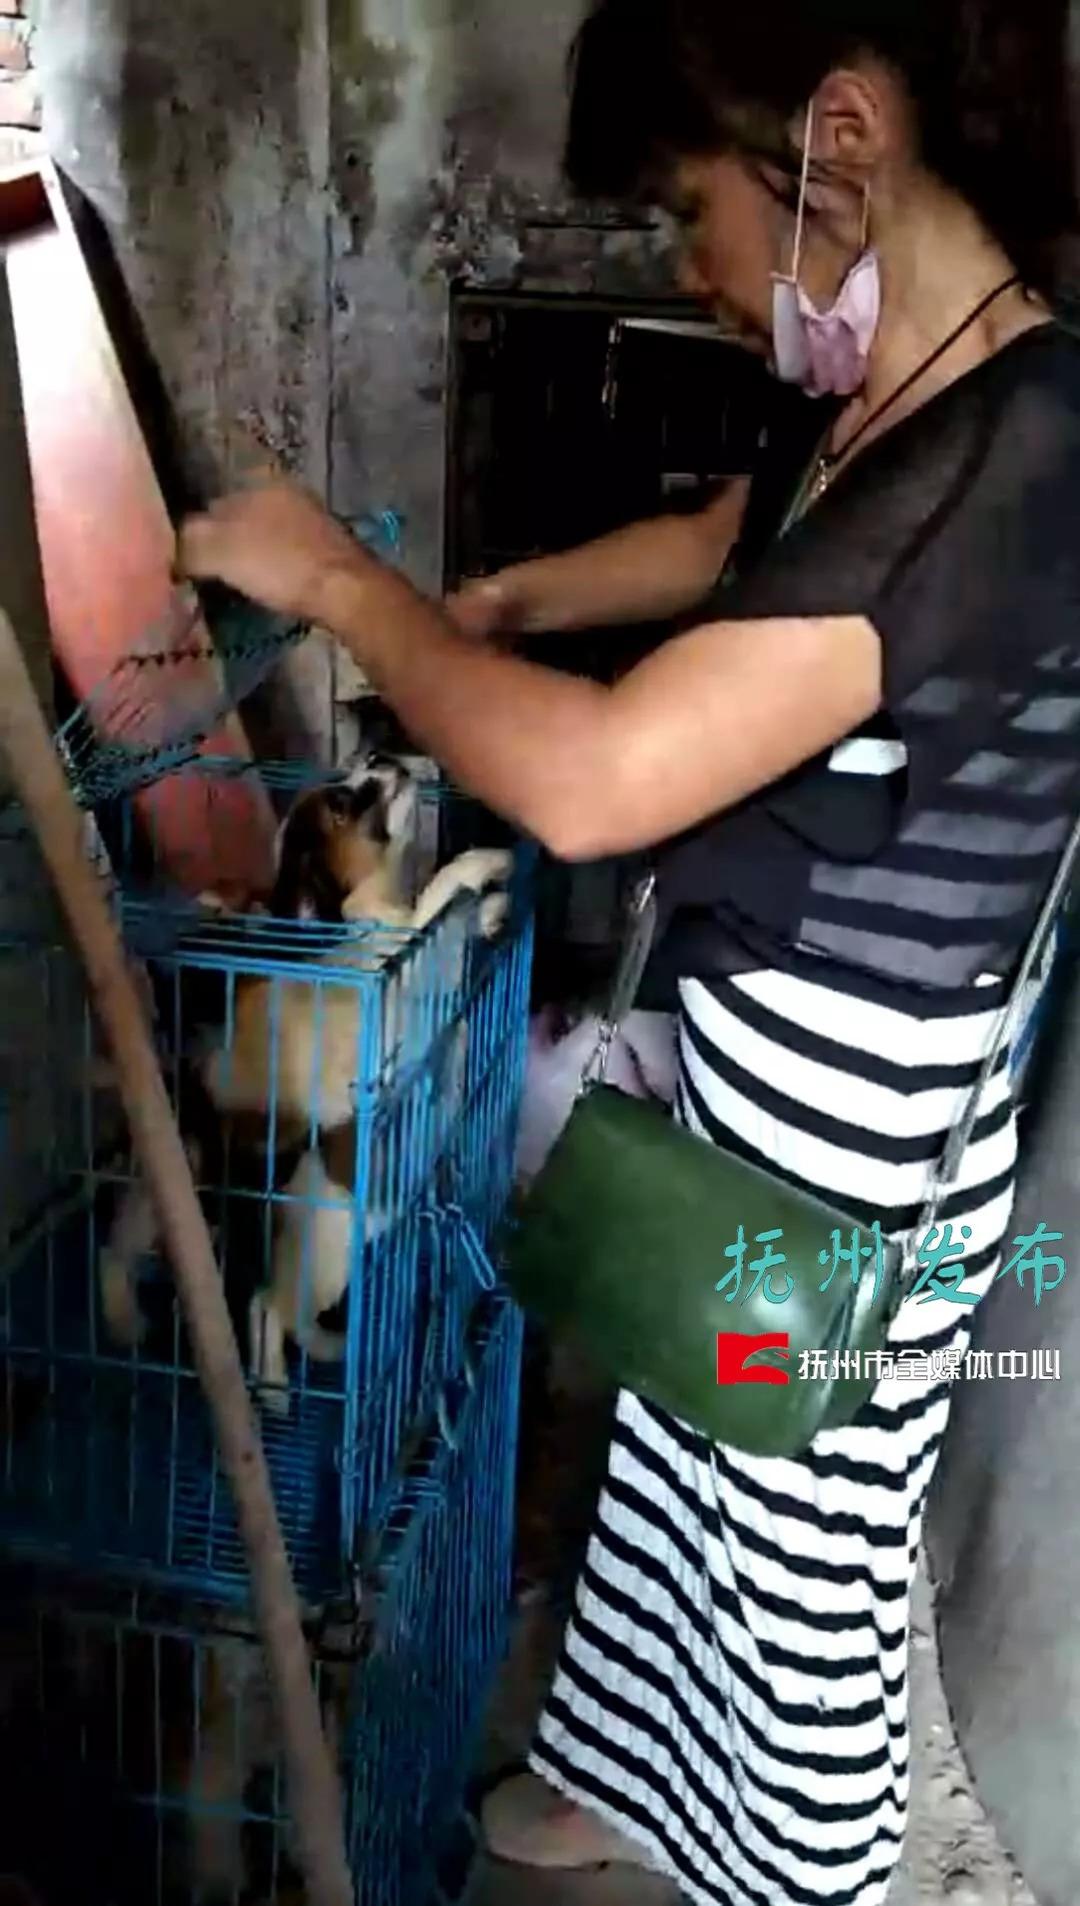 52岁女子年收养百只流浪狗:家人断绝来往 至今未婚